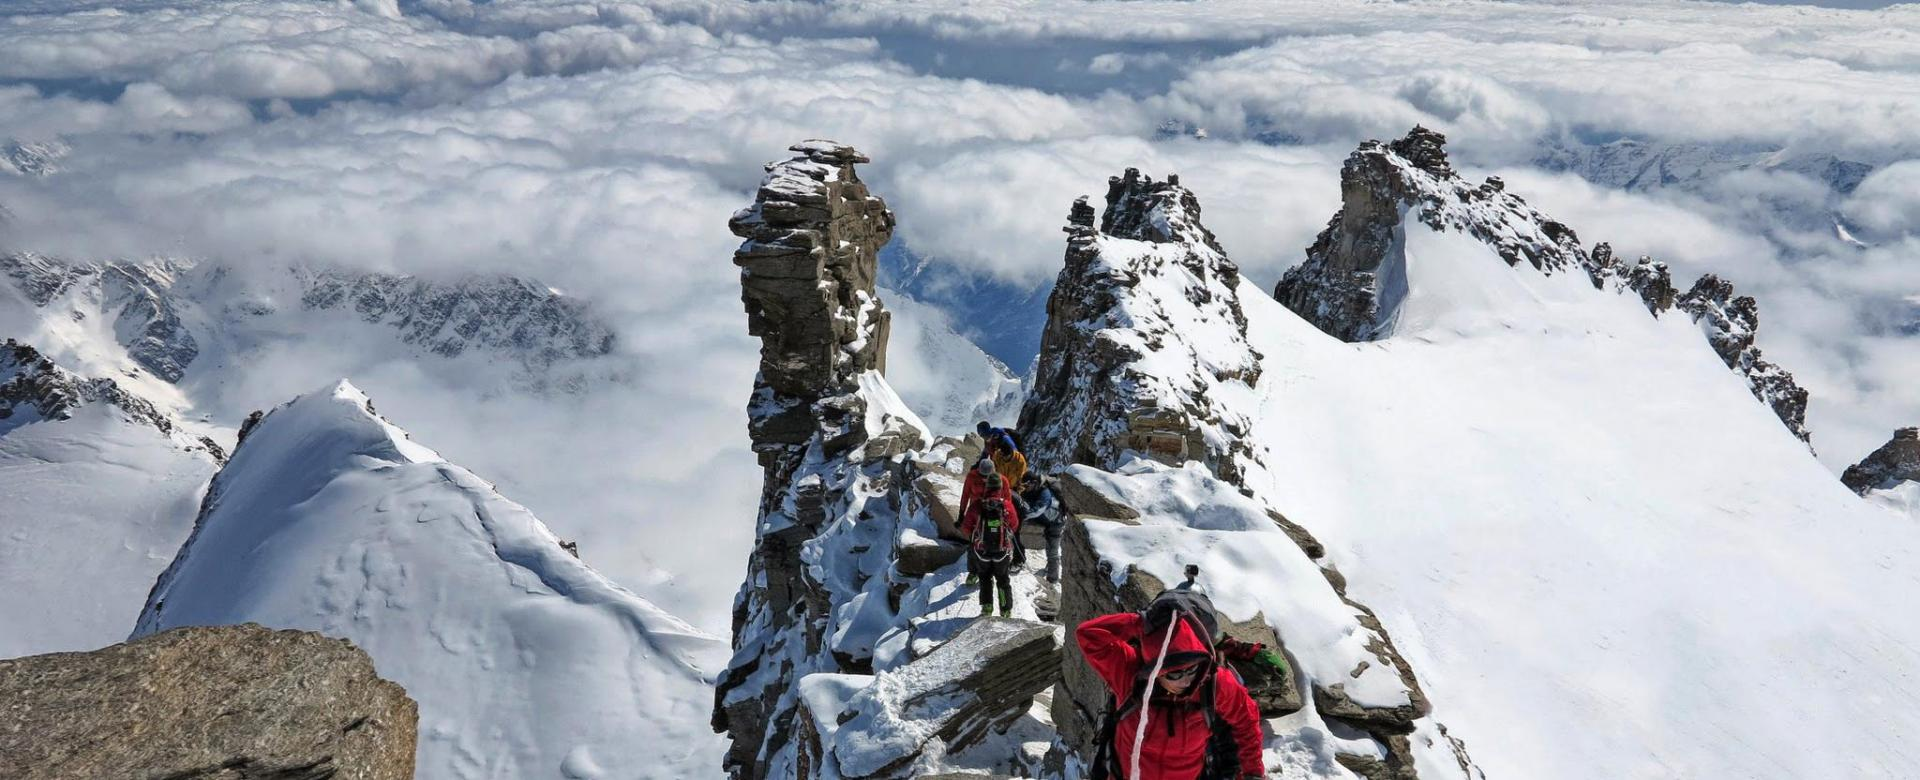 Voyage à pied : Alpes du Nord : La haute route du grand-paradis (4061 m)